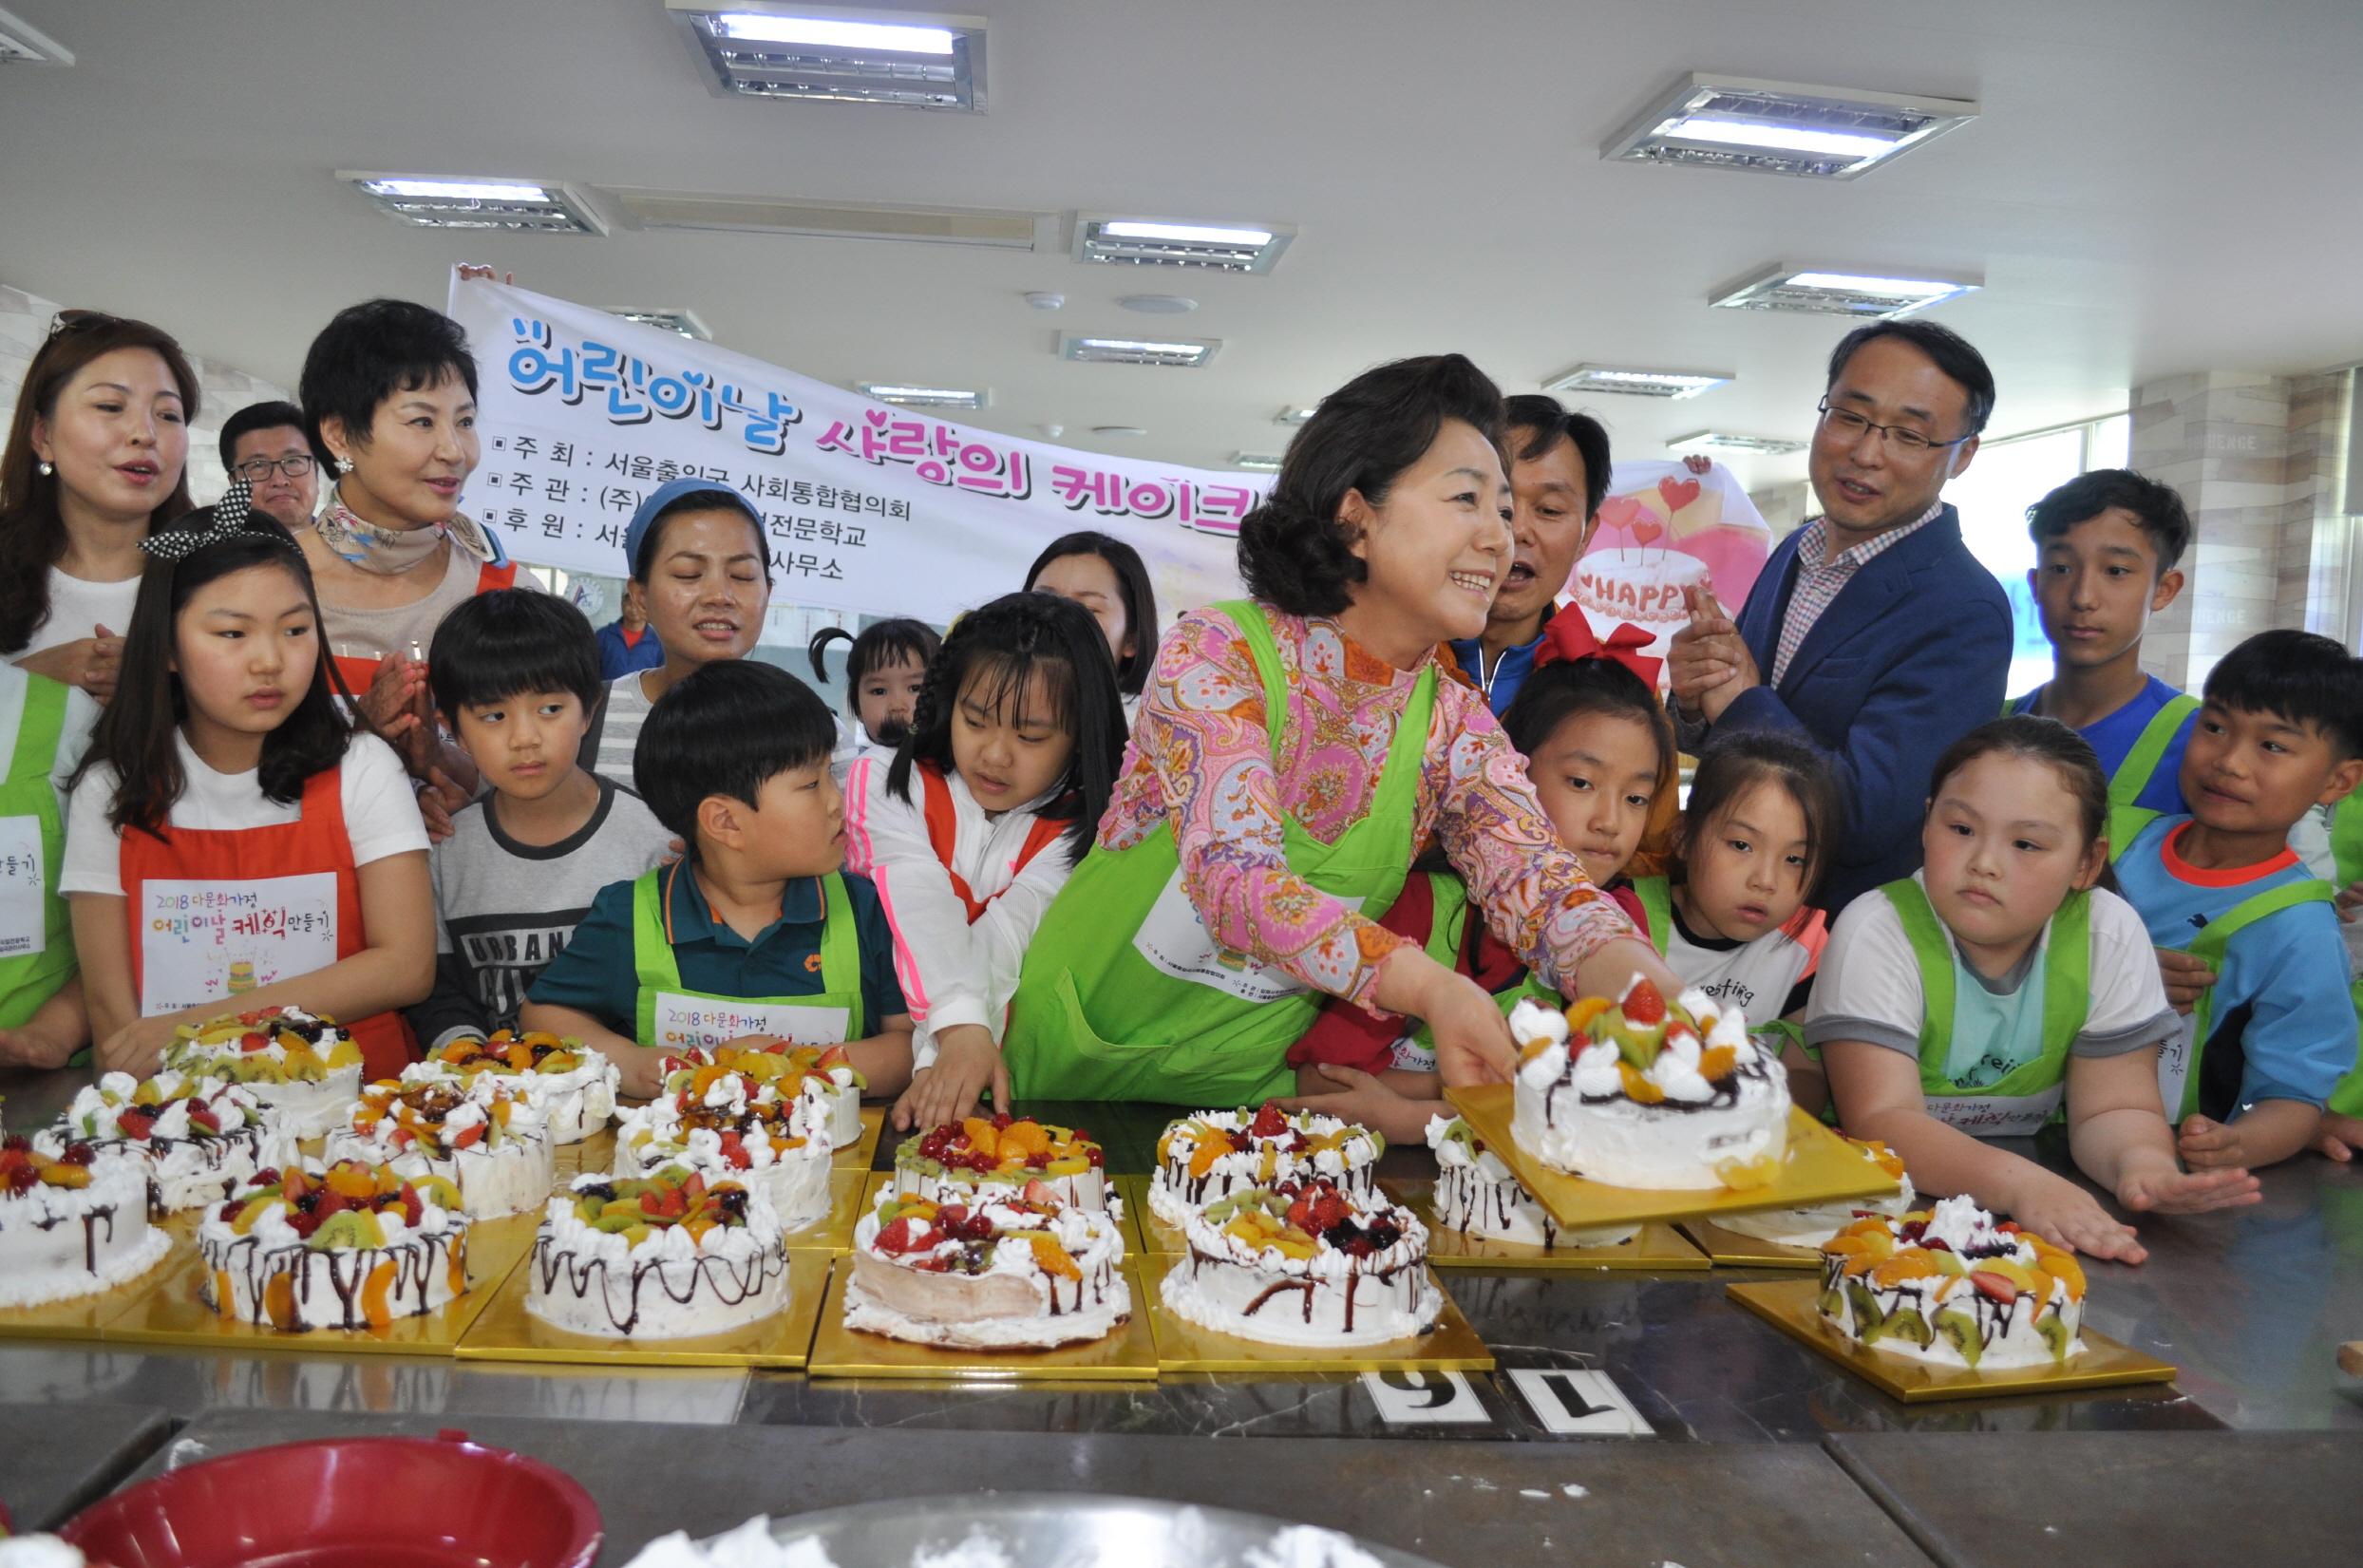 어린이날 사랑의 케이크 만들기 행사 개최(서울출입국) 사진 2